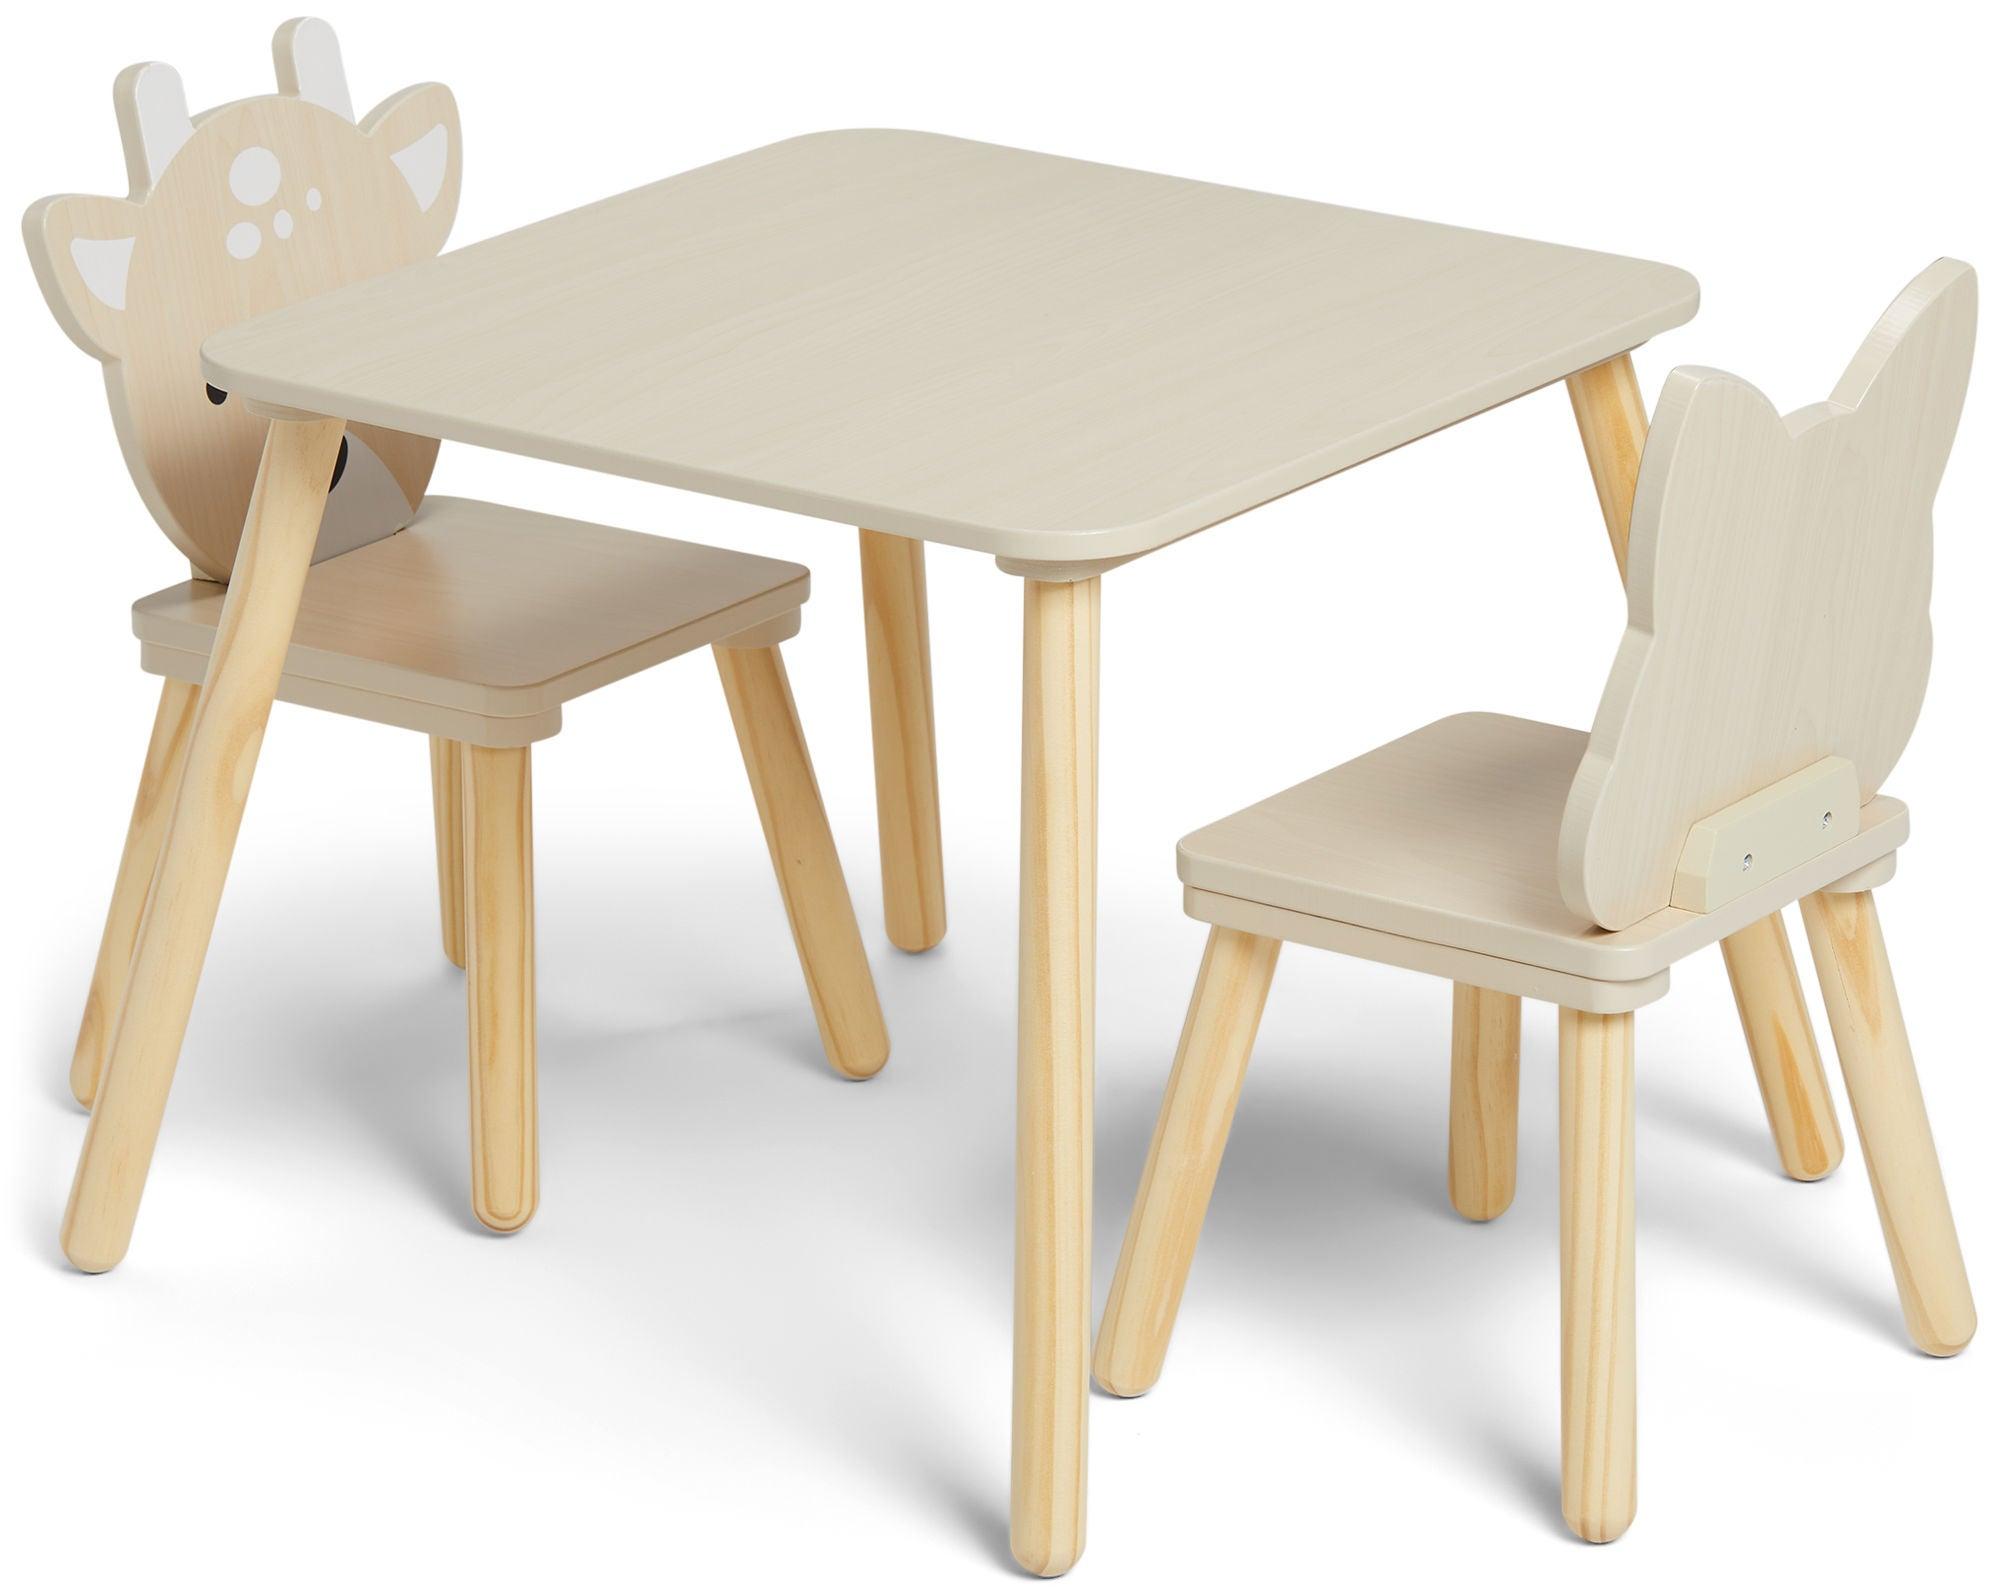 Alice & Fox Pöytä + Tuolit Metsäkauris & Kettu